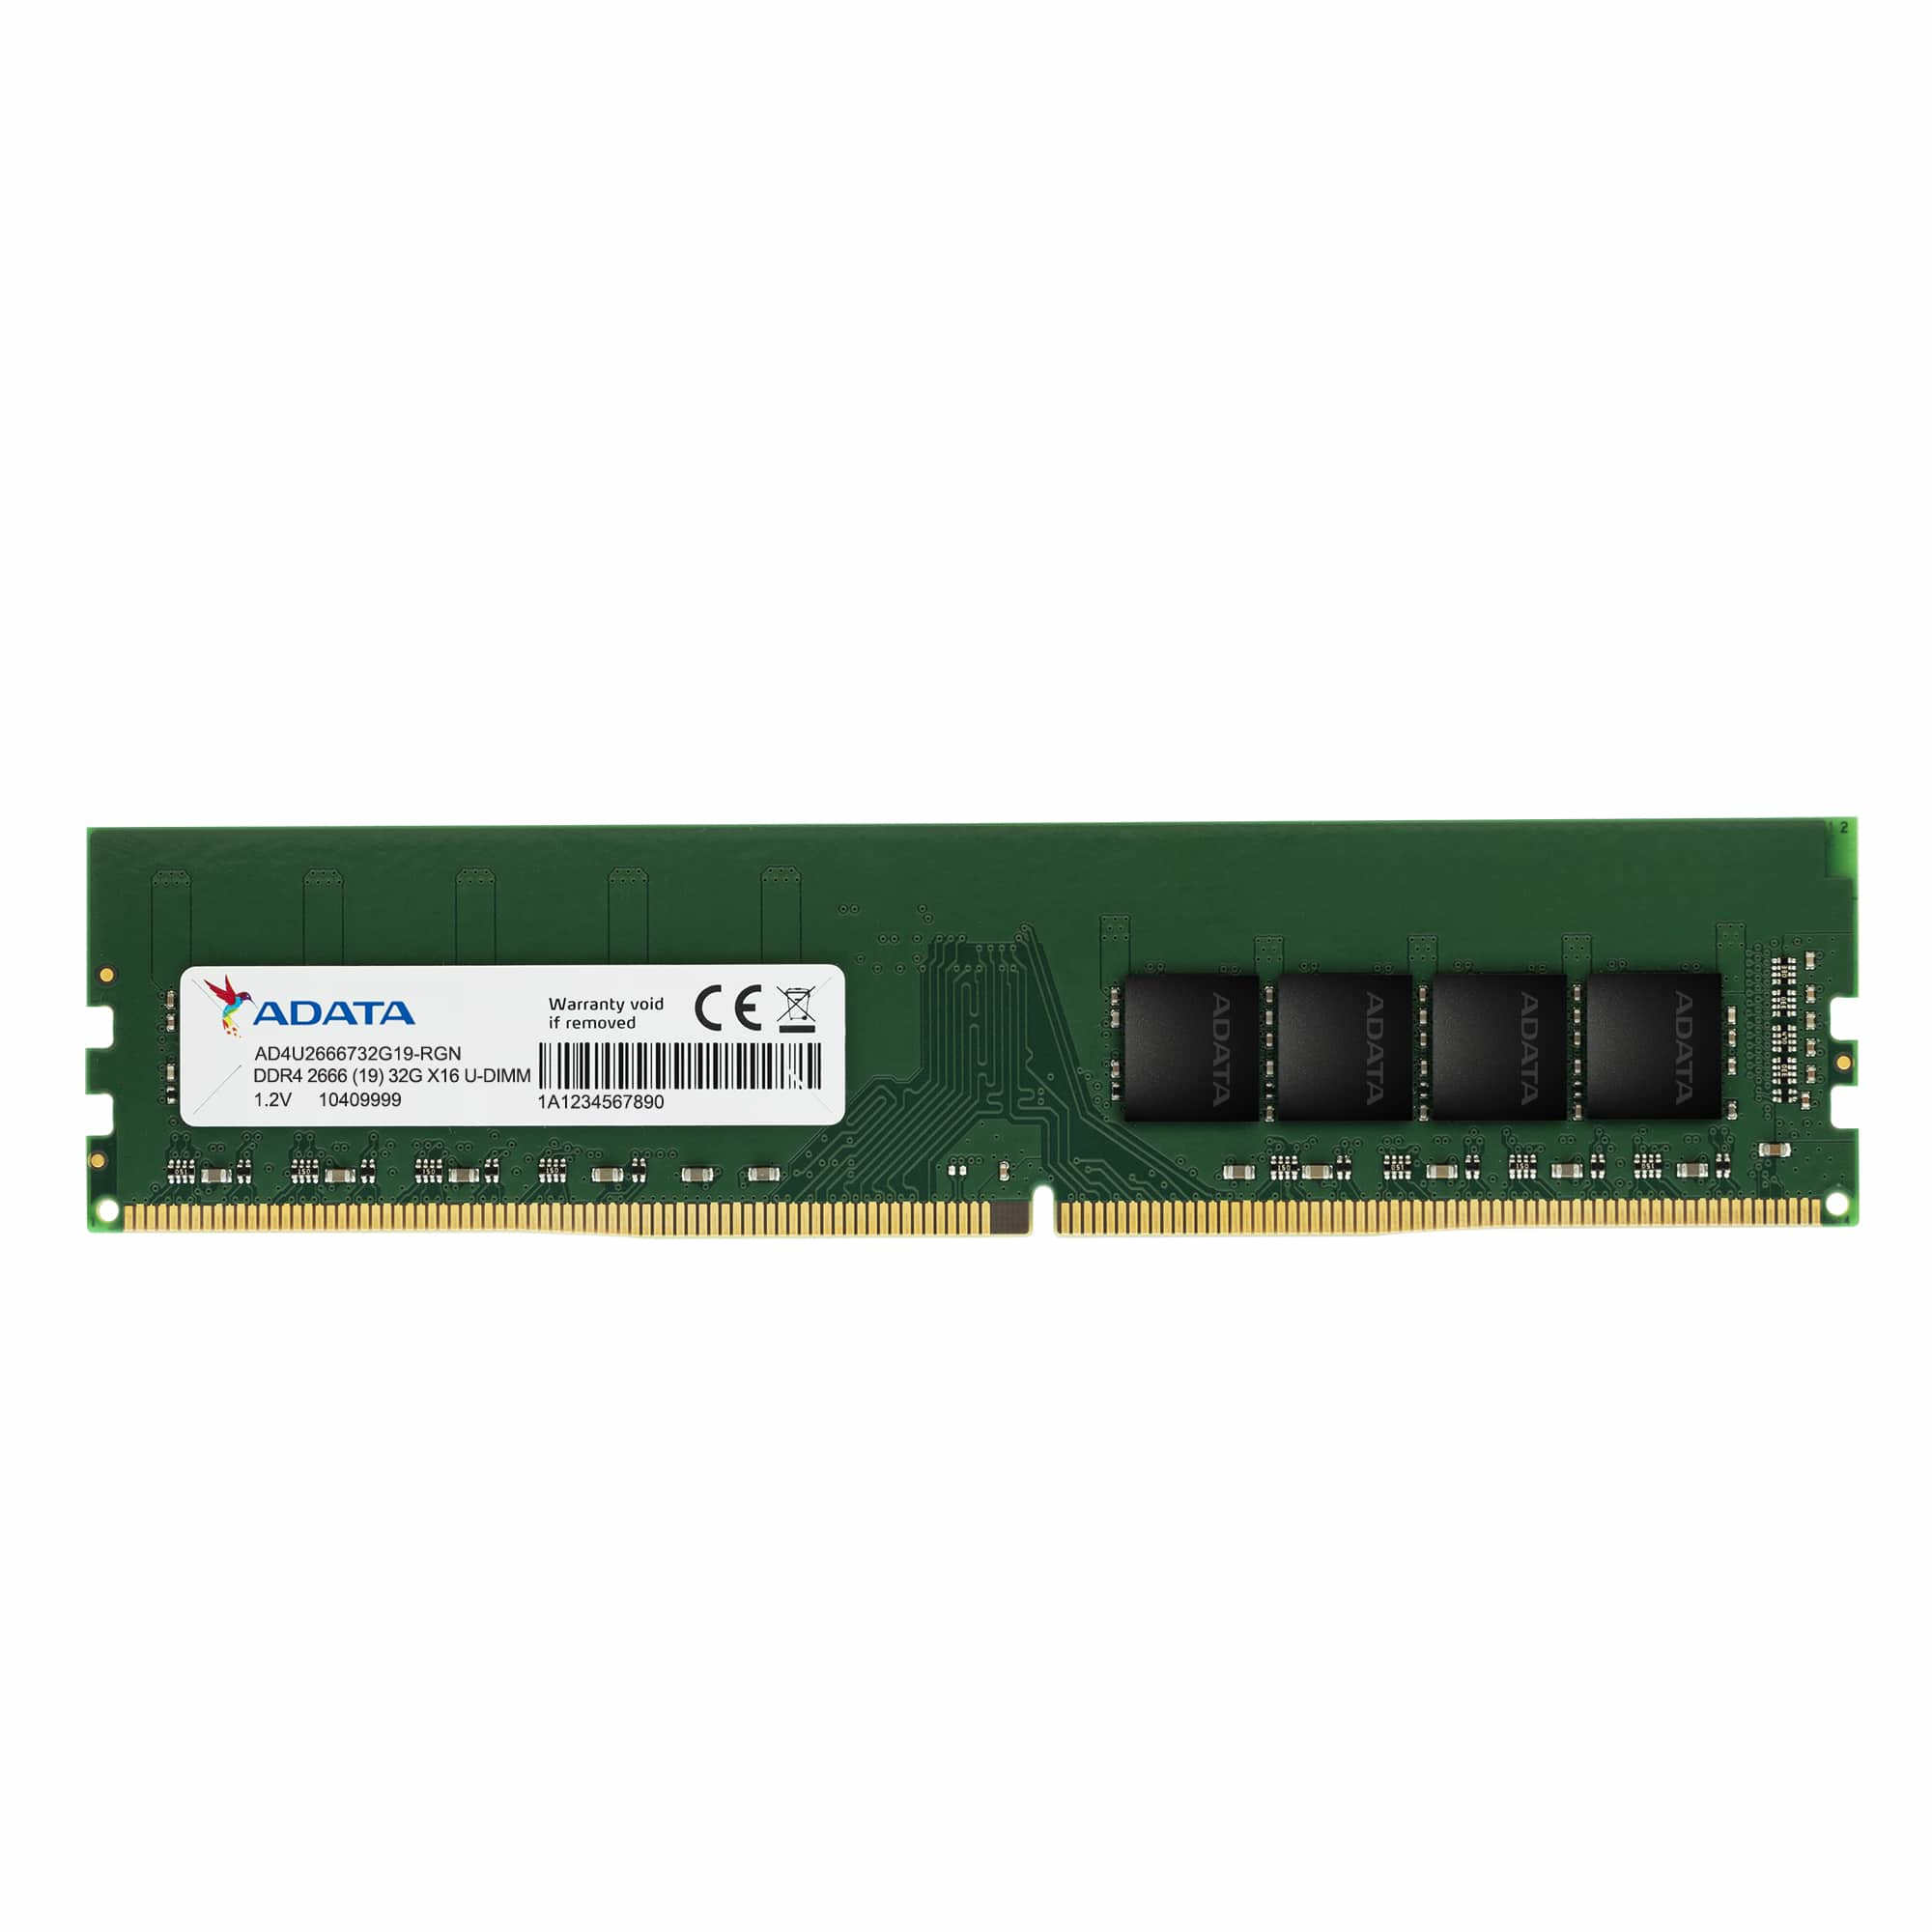 ADATA AD4U26668G19-SGN memory module 8 GB 1 x 8 GB DDR4 2666 MHz